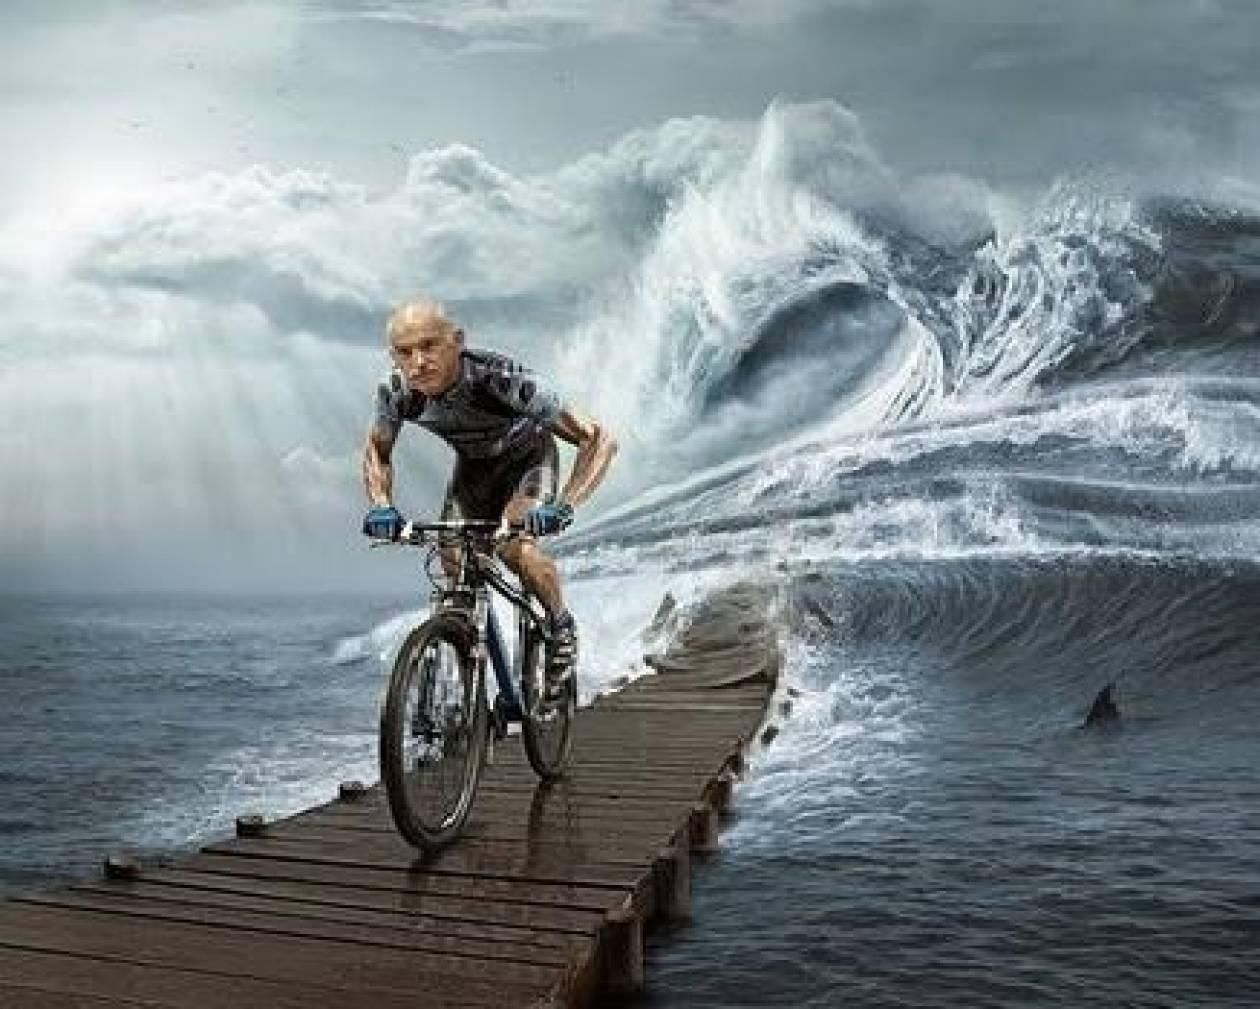 Γιωργάκη, άσε το ποδήλατο και πάρε ταξί!